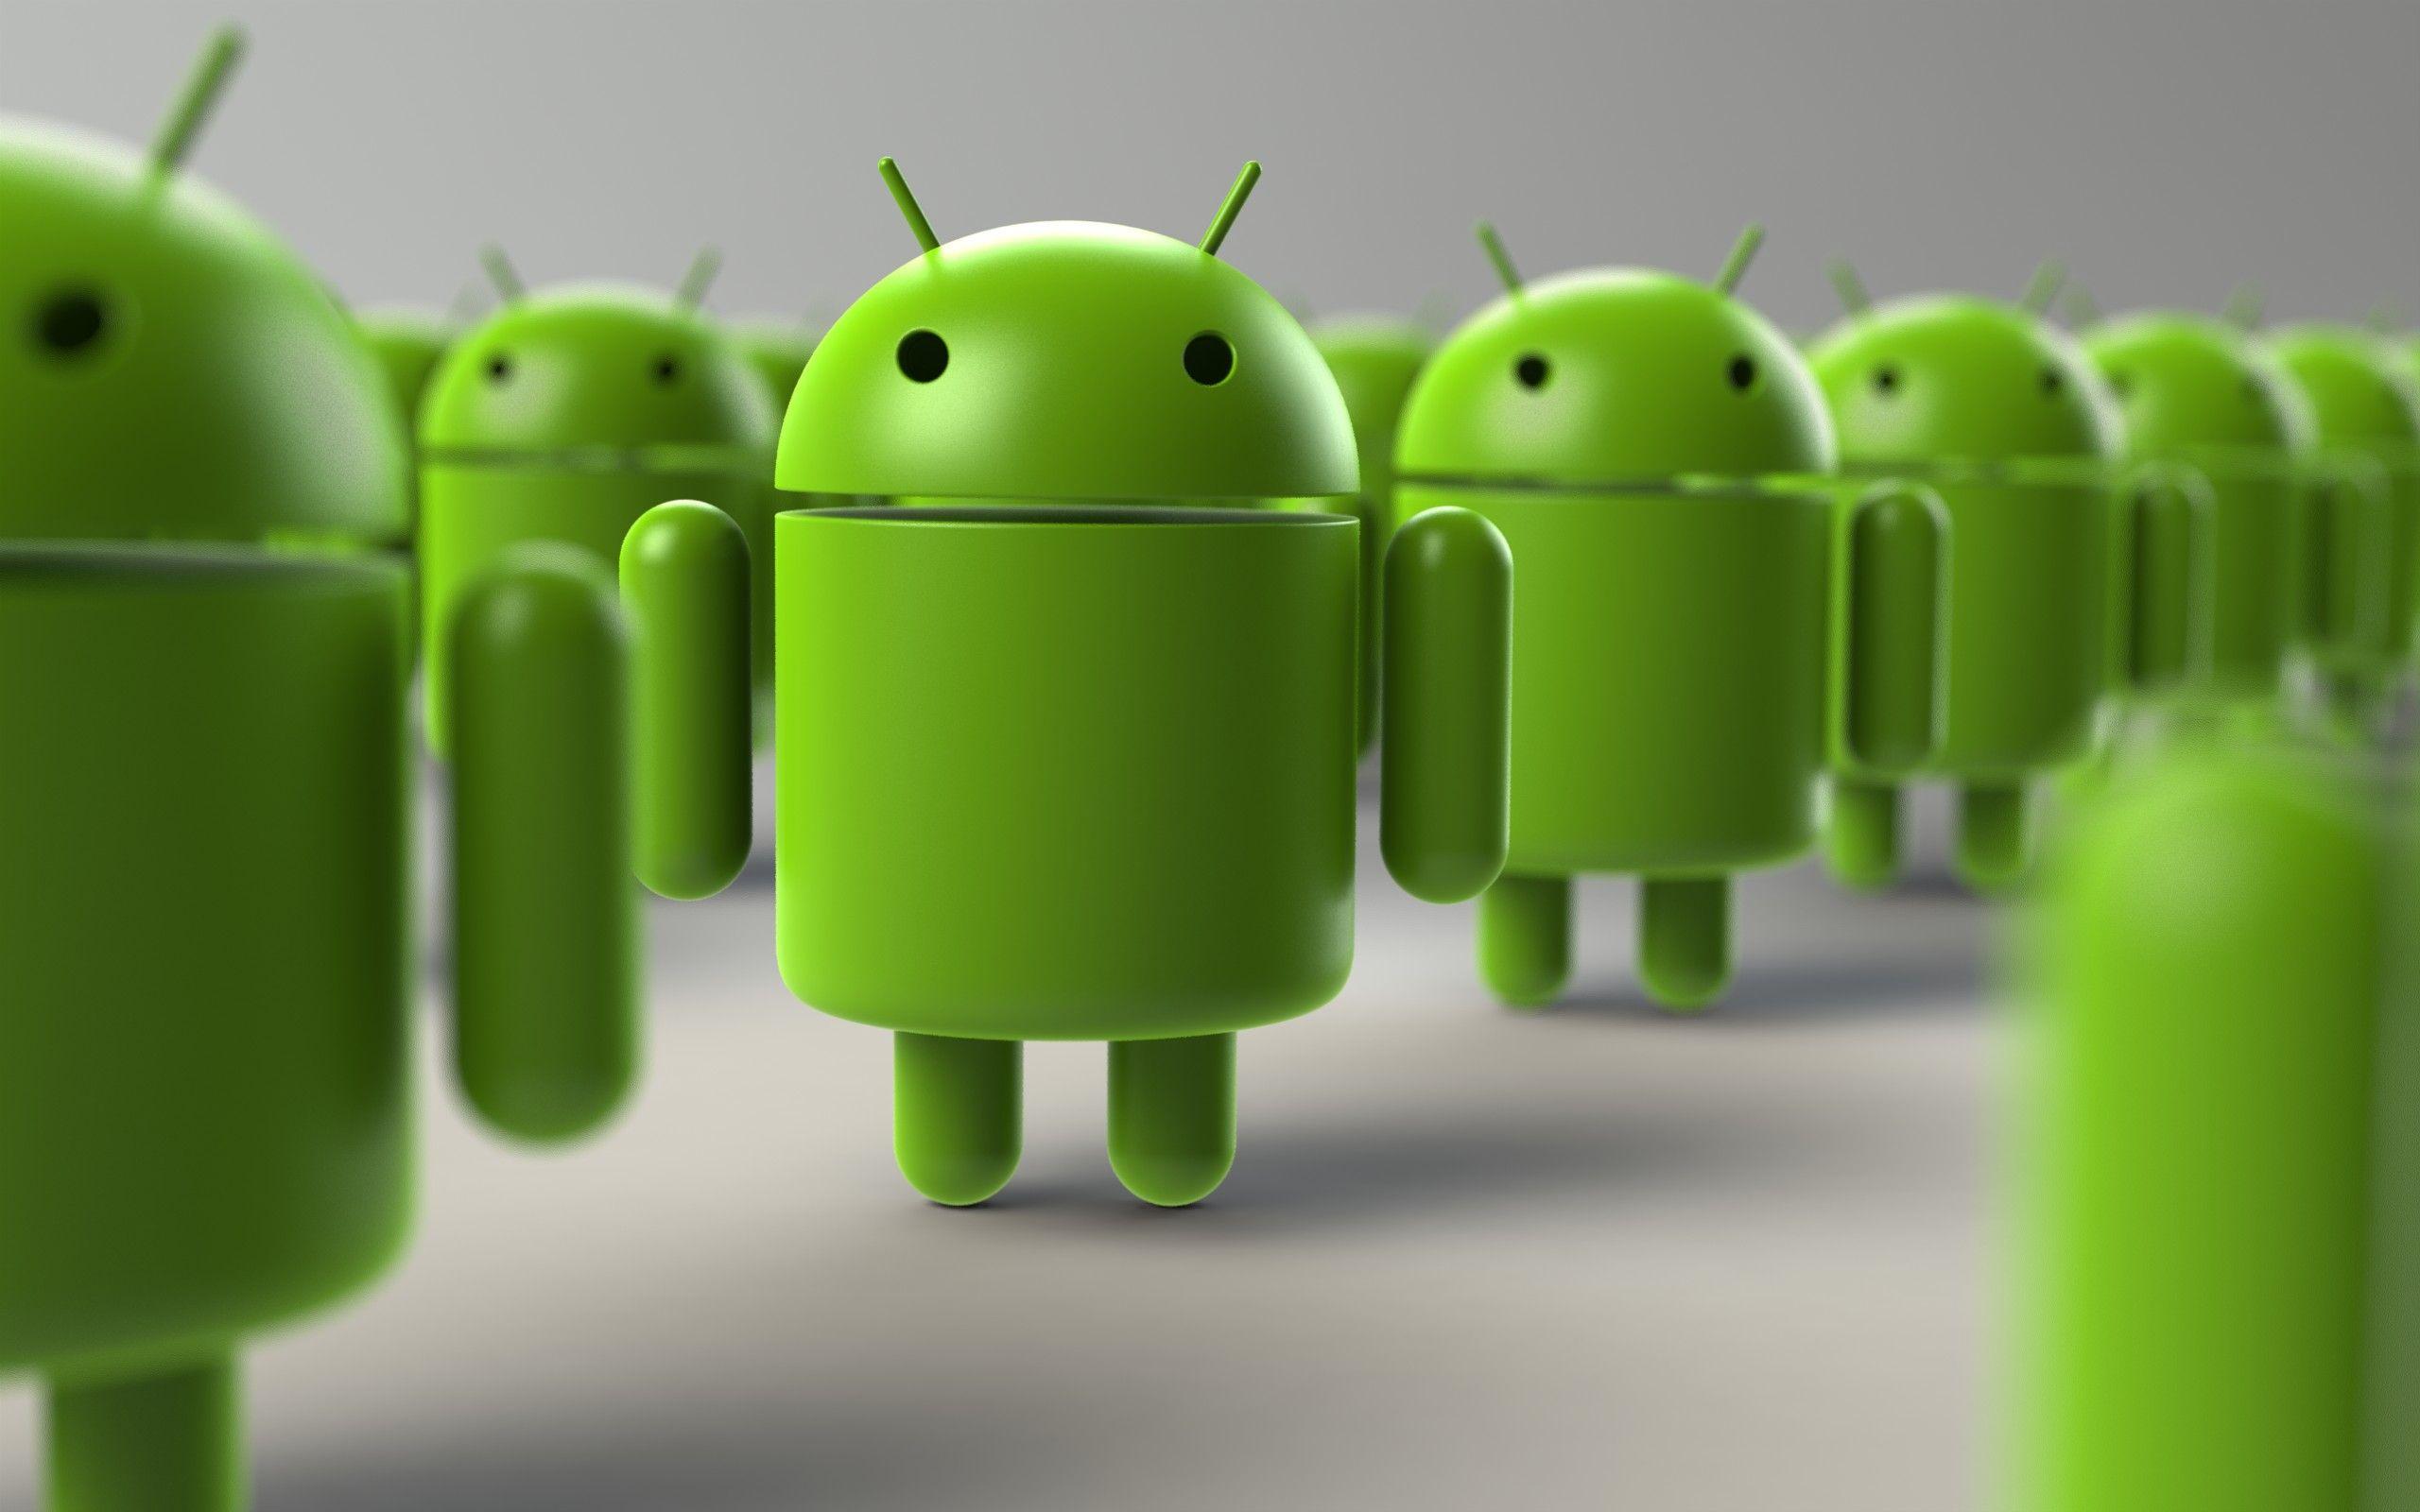 Cómo evitar virus en Android